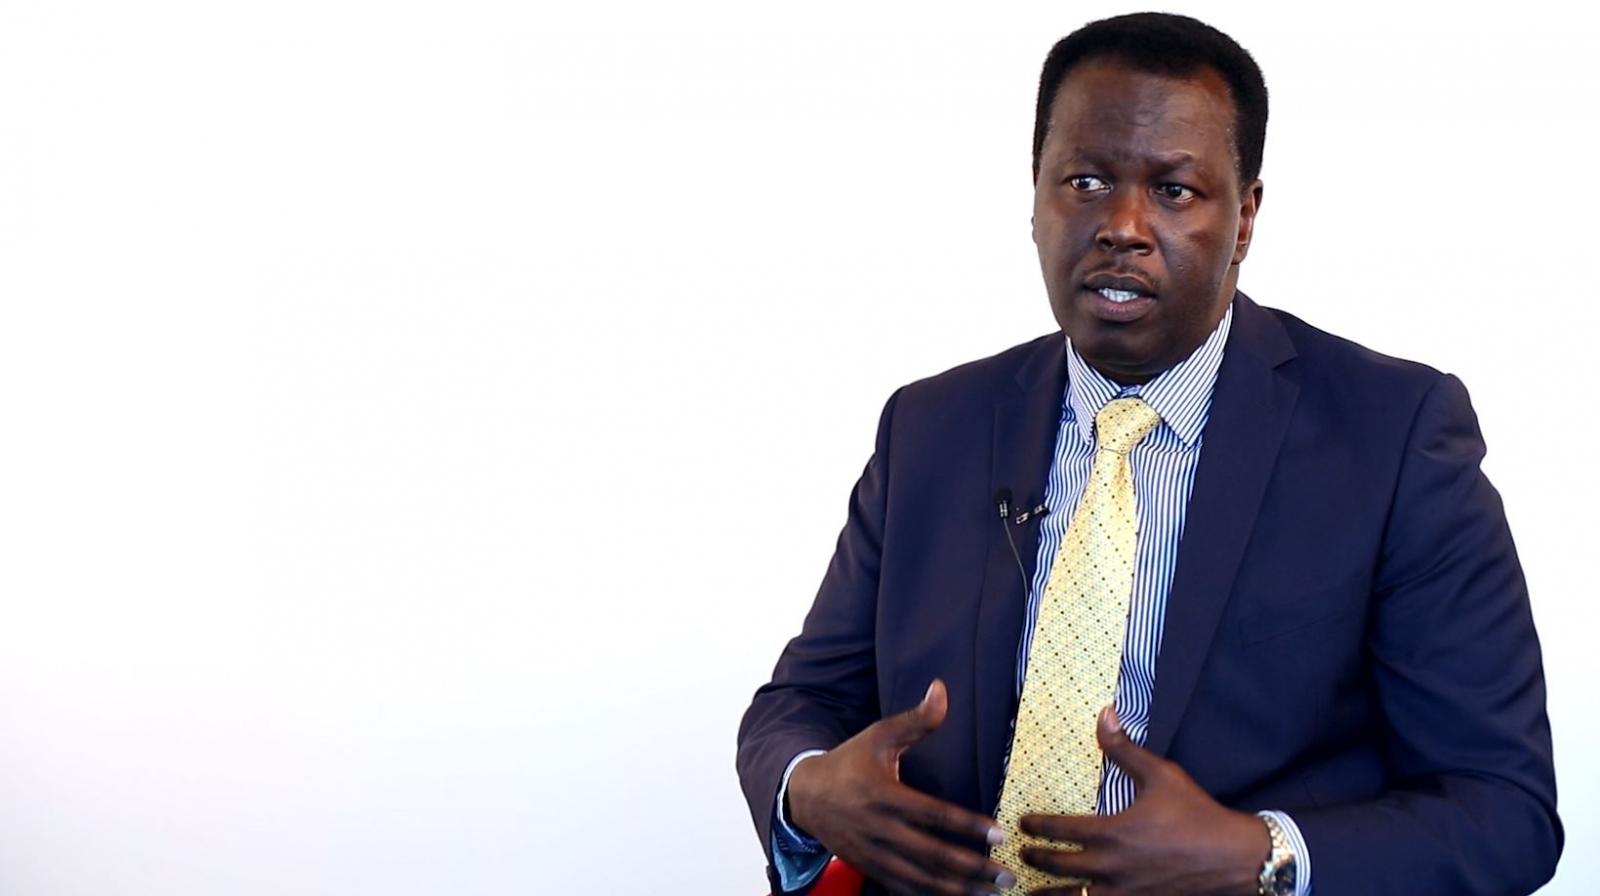 Pacelli Ndukimana Burundi lawyer Interview